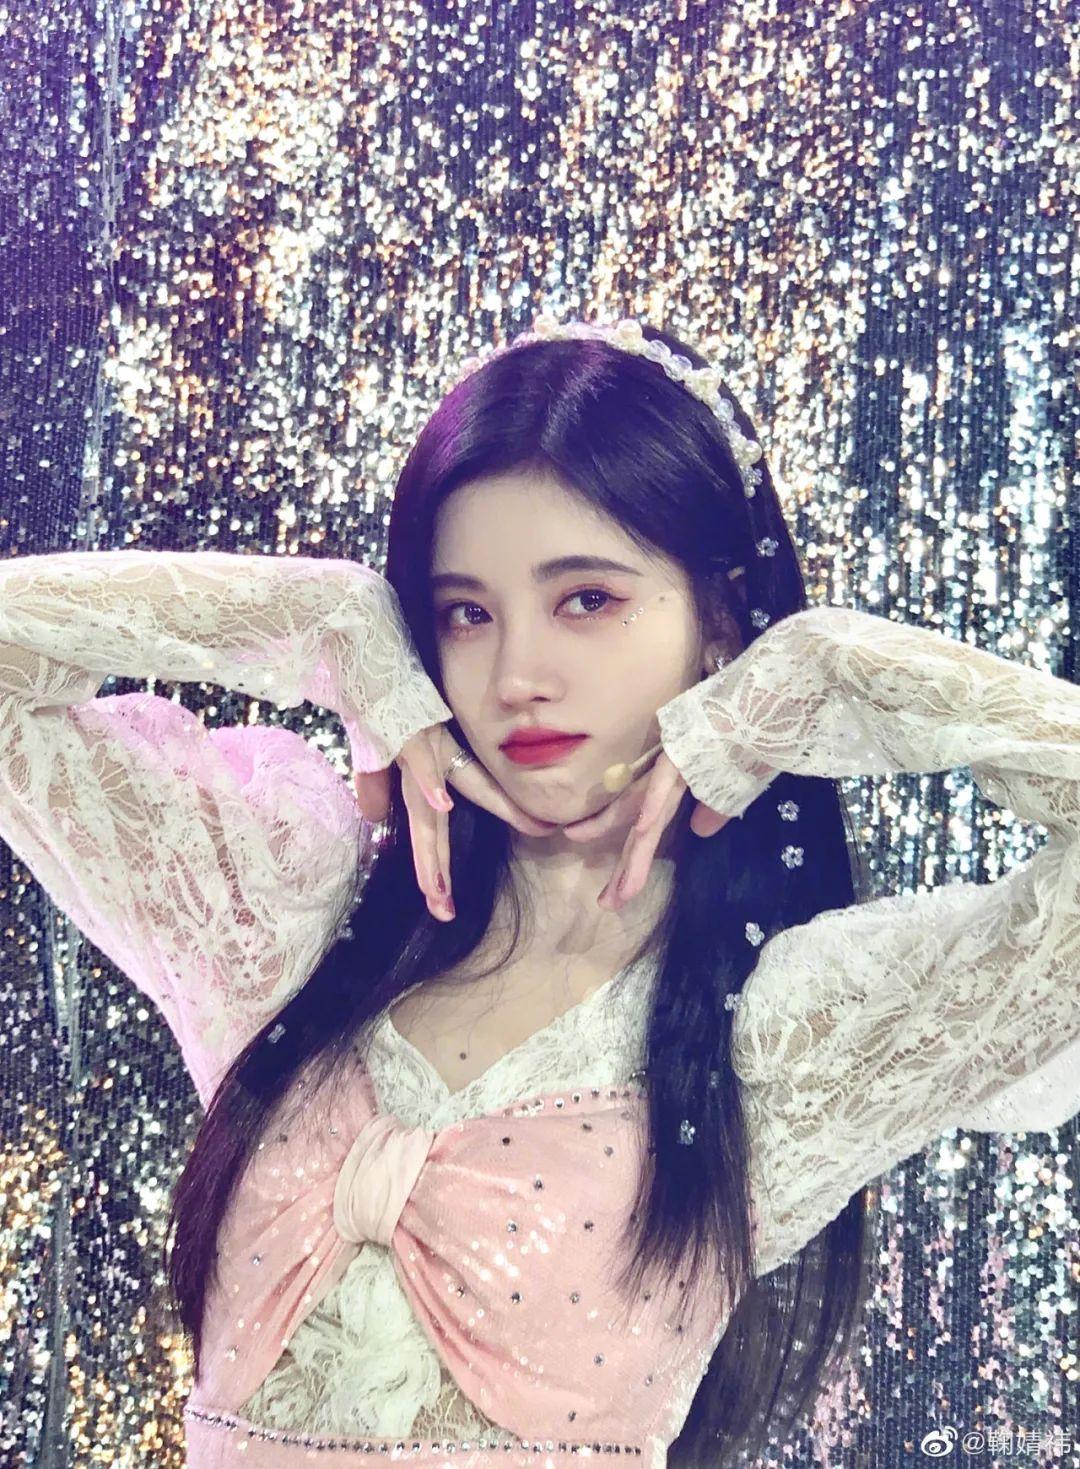 妹子写真 -美少女鞠婧祎和日本演员三吉彩花,你喜欢哪位呢?_图片 No.24